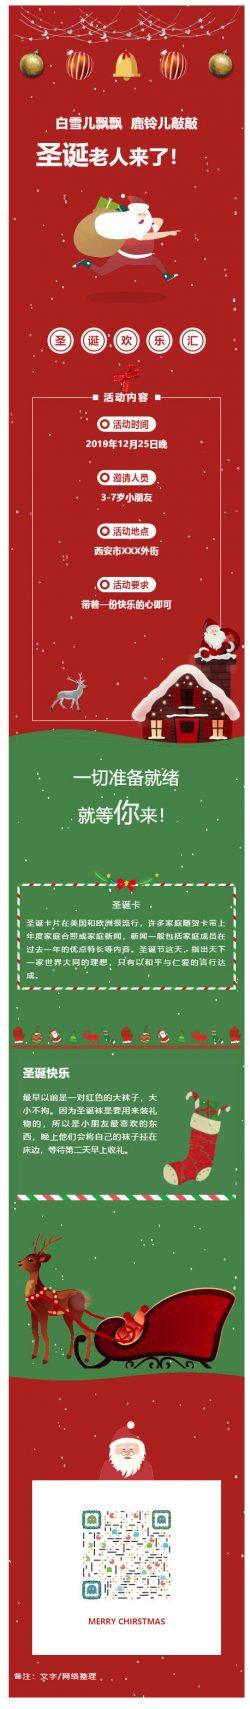 圣诞节微信推文模板白雪飘飘雪动态背景公众号推送素材